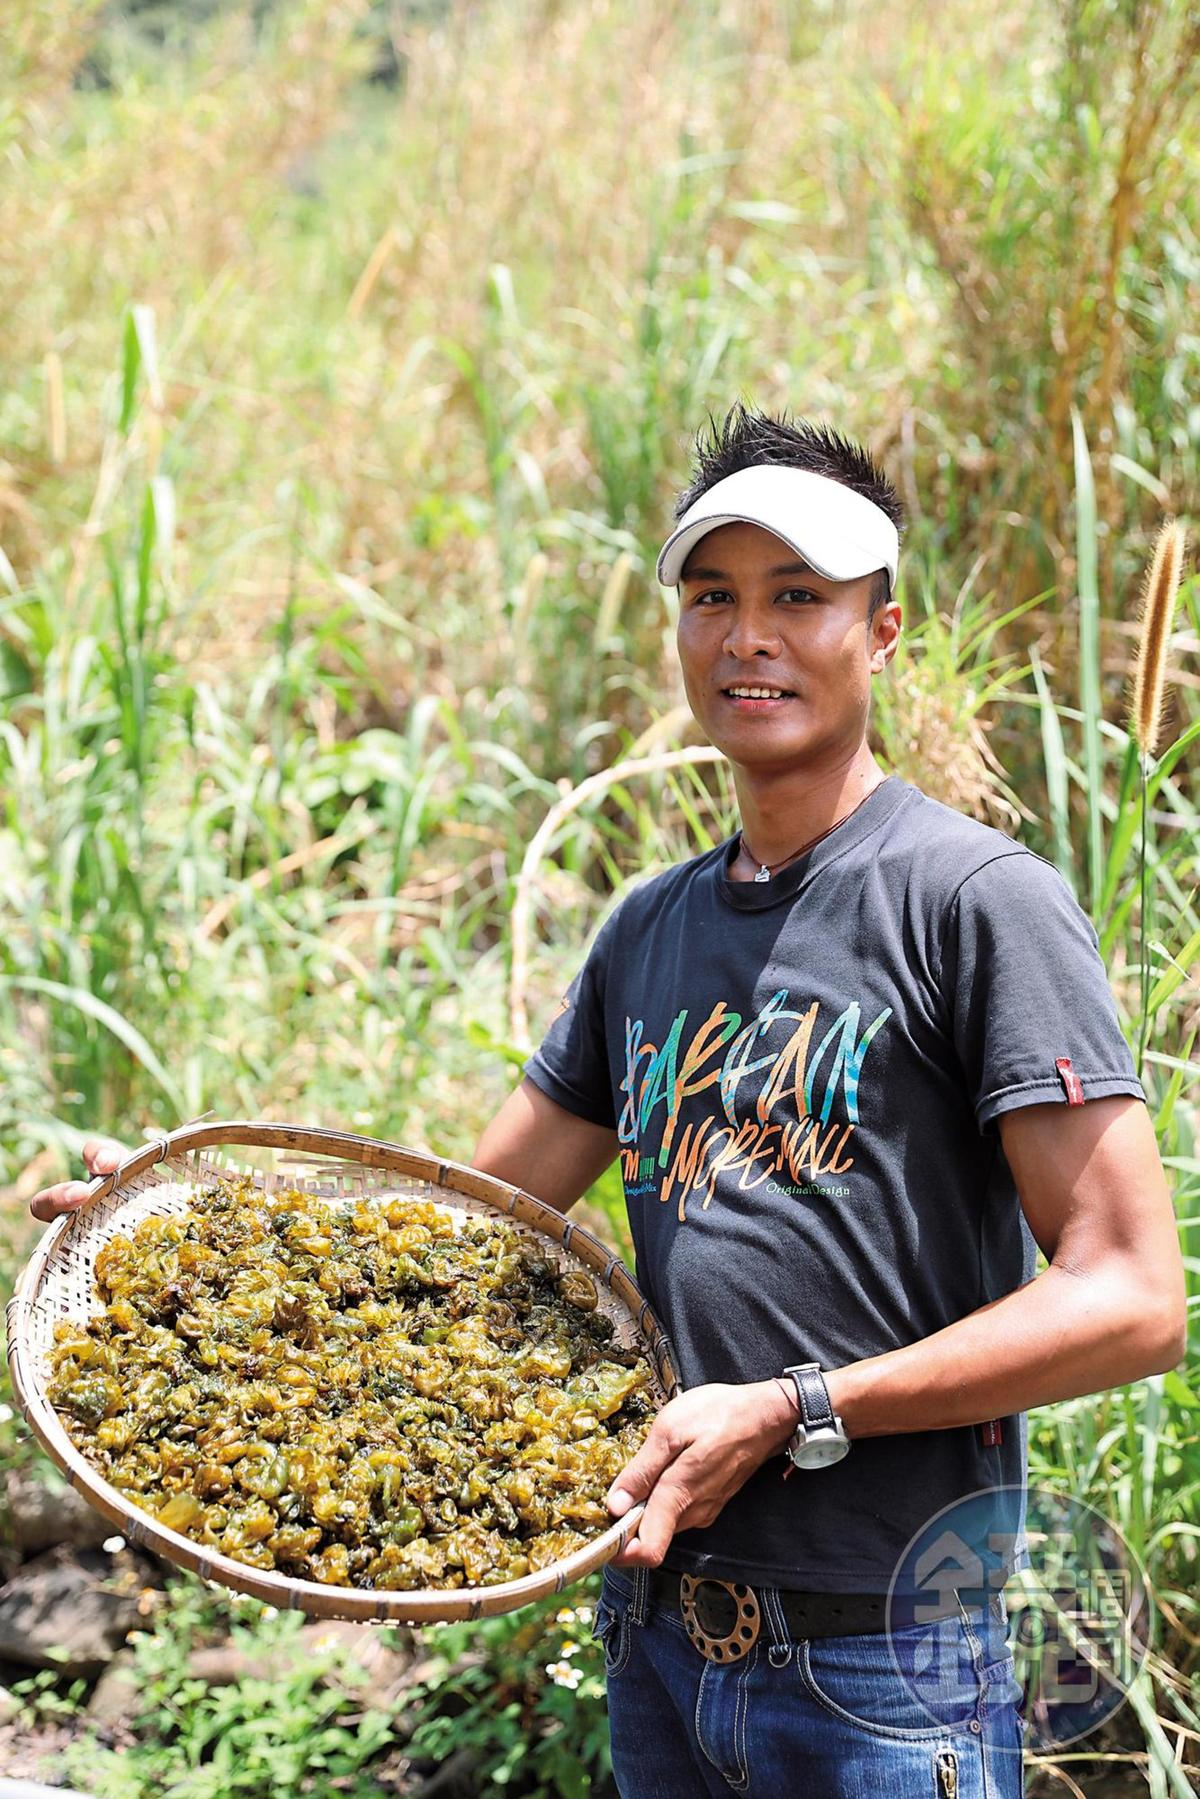 農場主人阿瑞是排灣族人,研發雨來菇水餃,讓遊客就近品嘗美味。